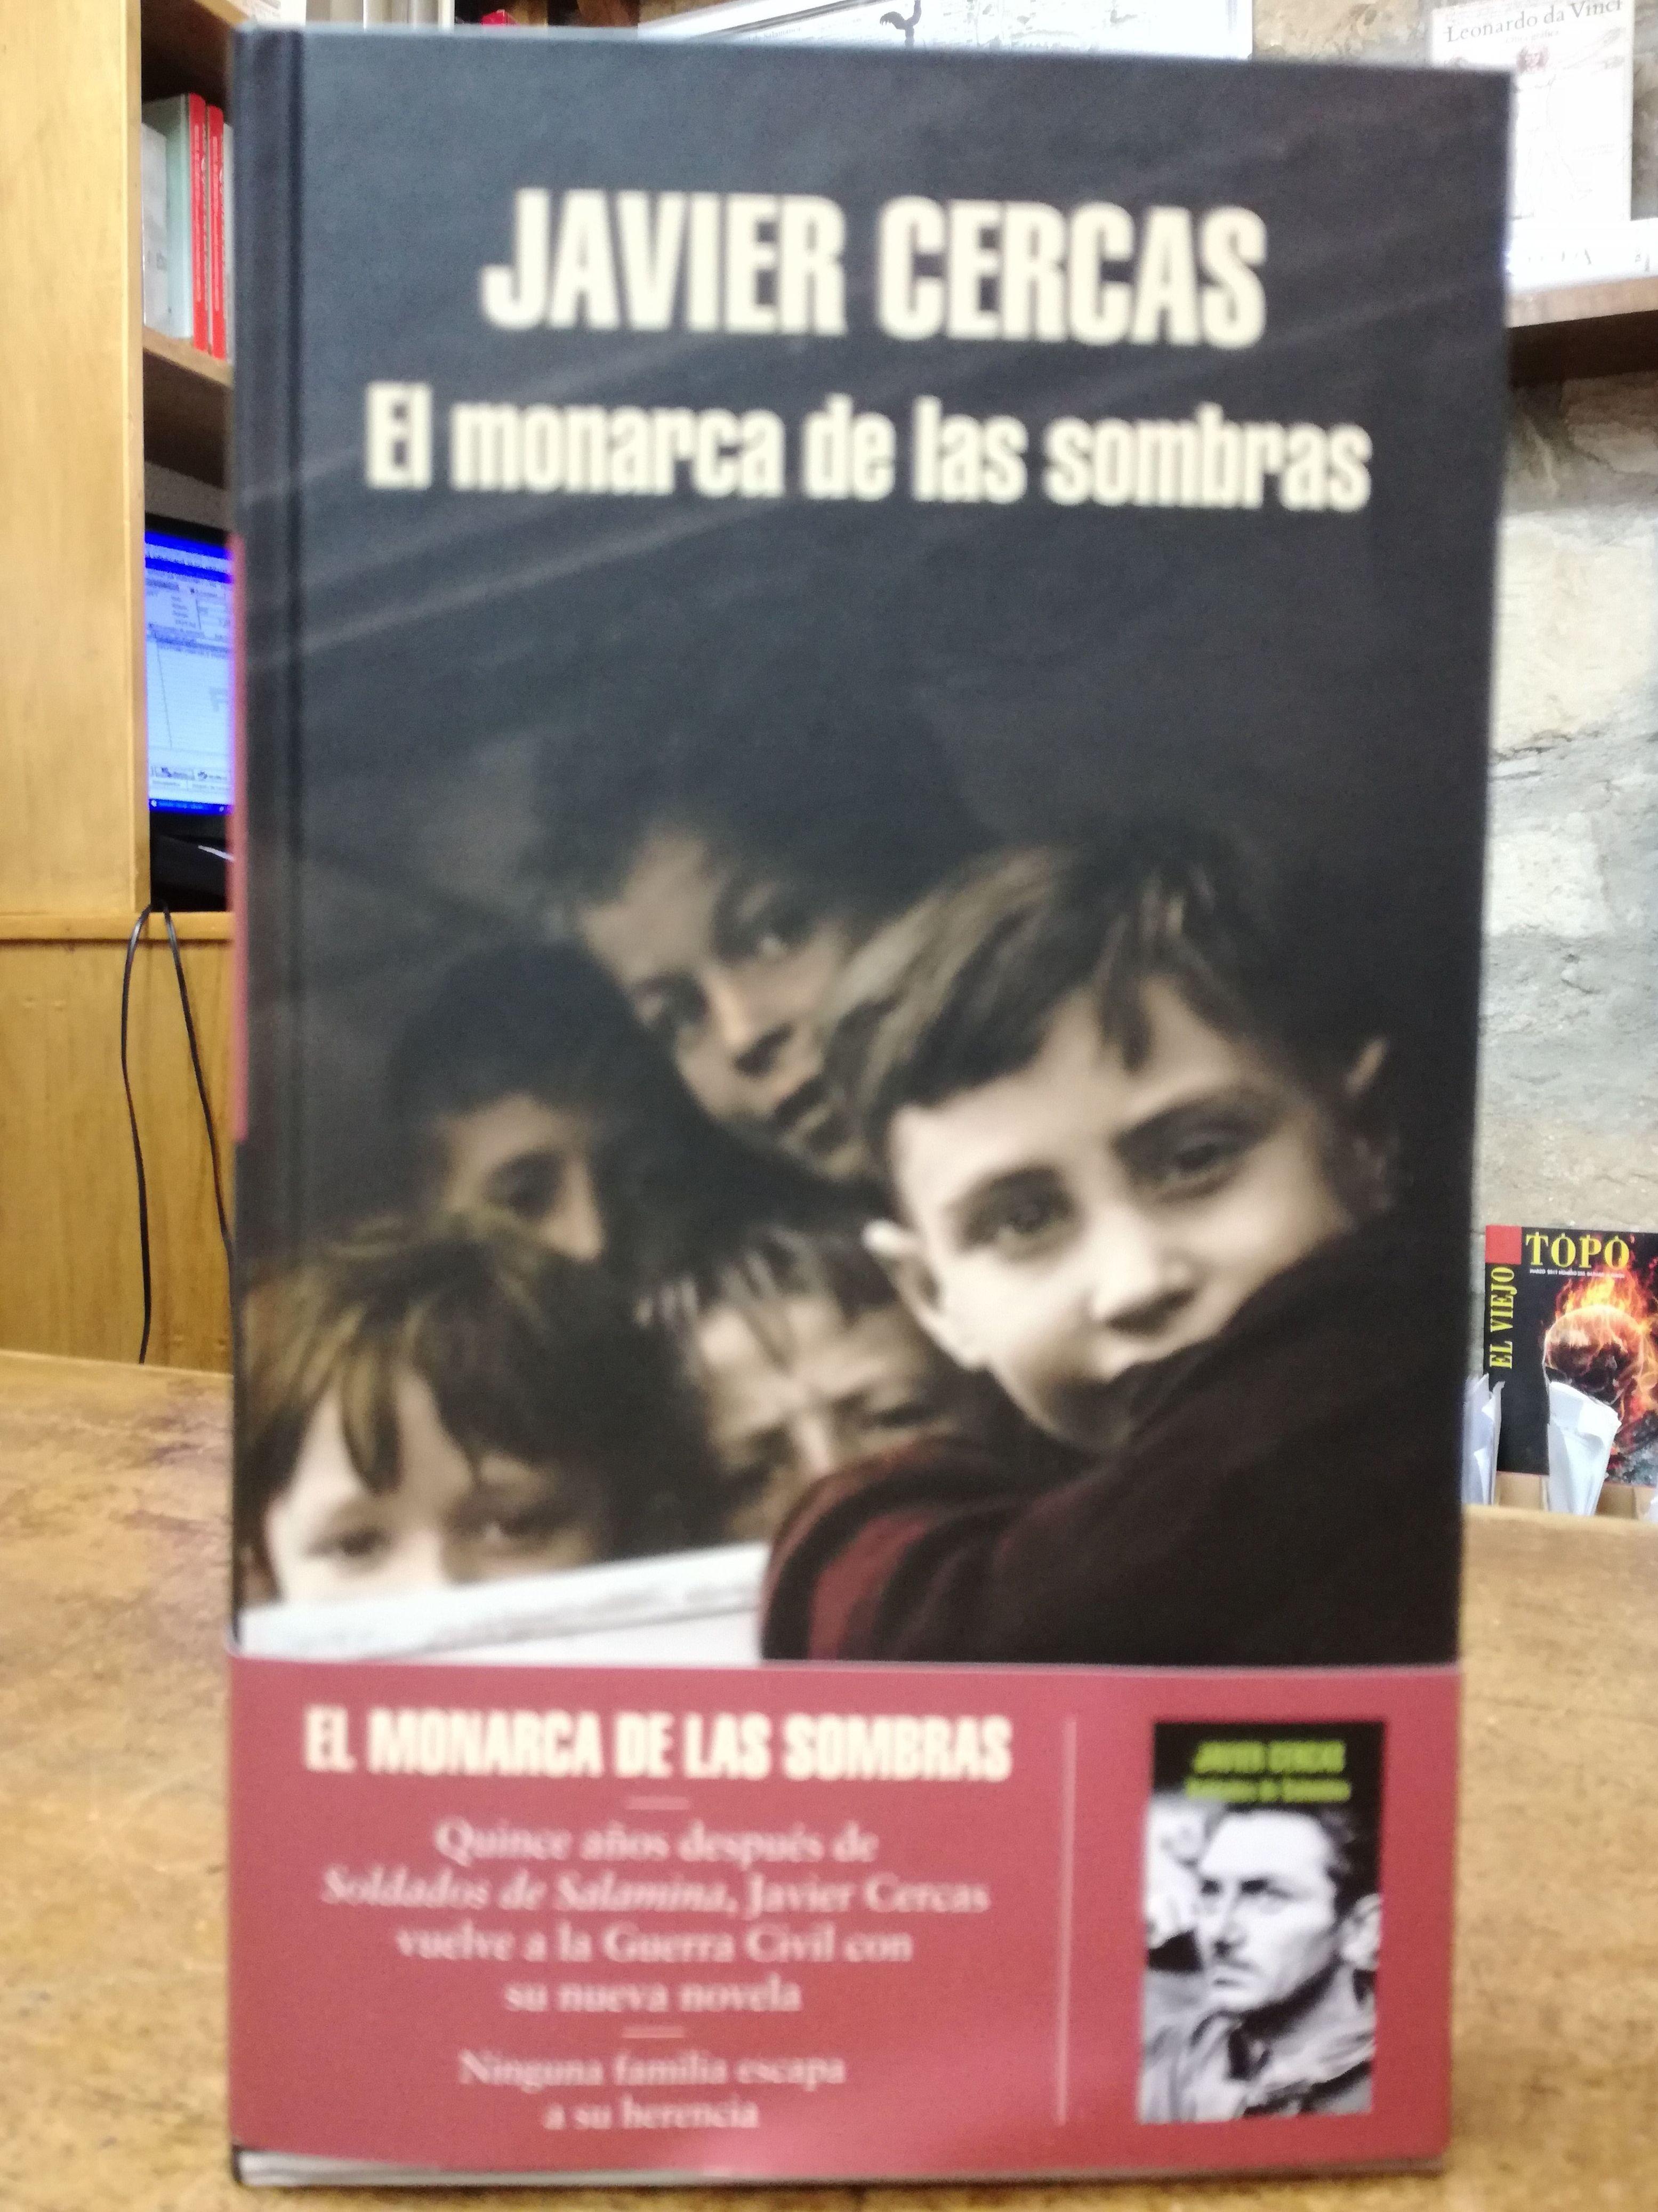 El monarca de las sombras: SECCIONES de Librería Nueva Plaza Universitaria